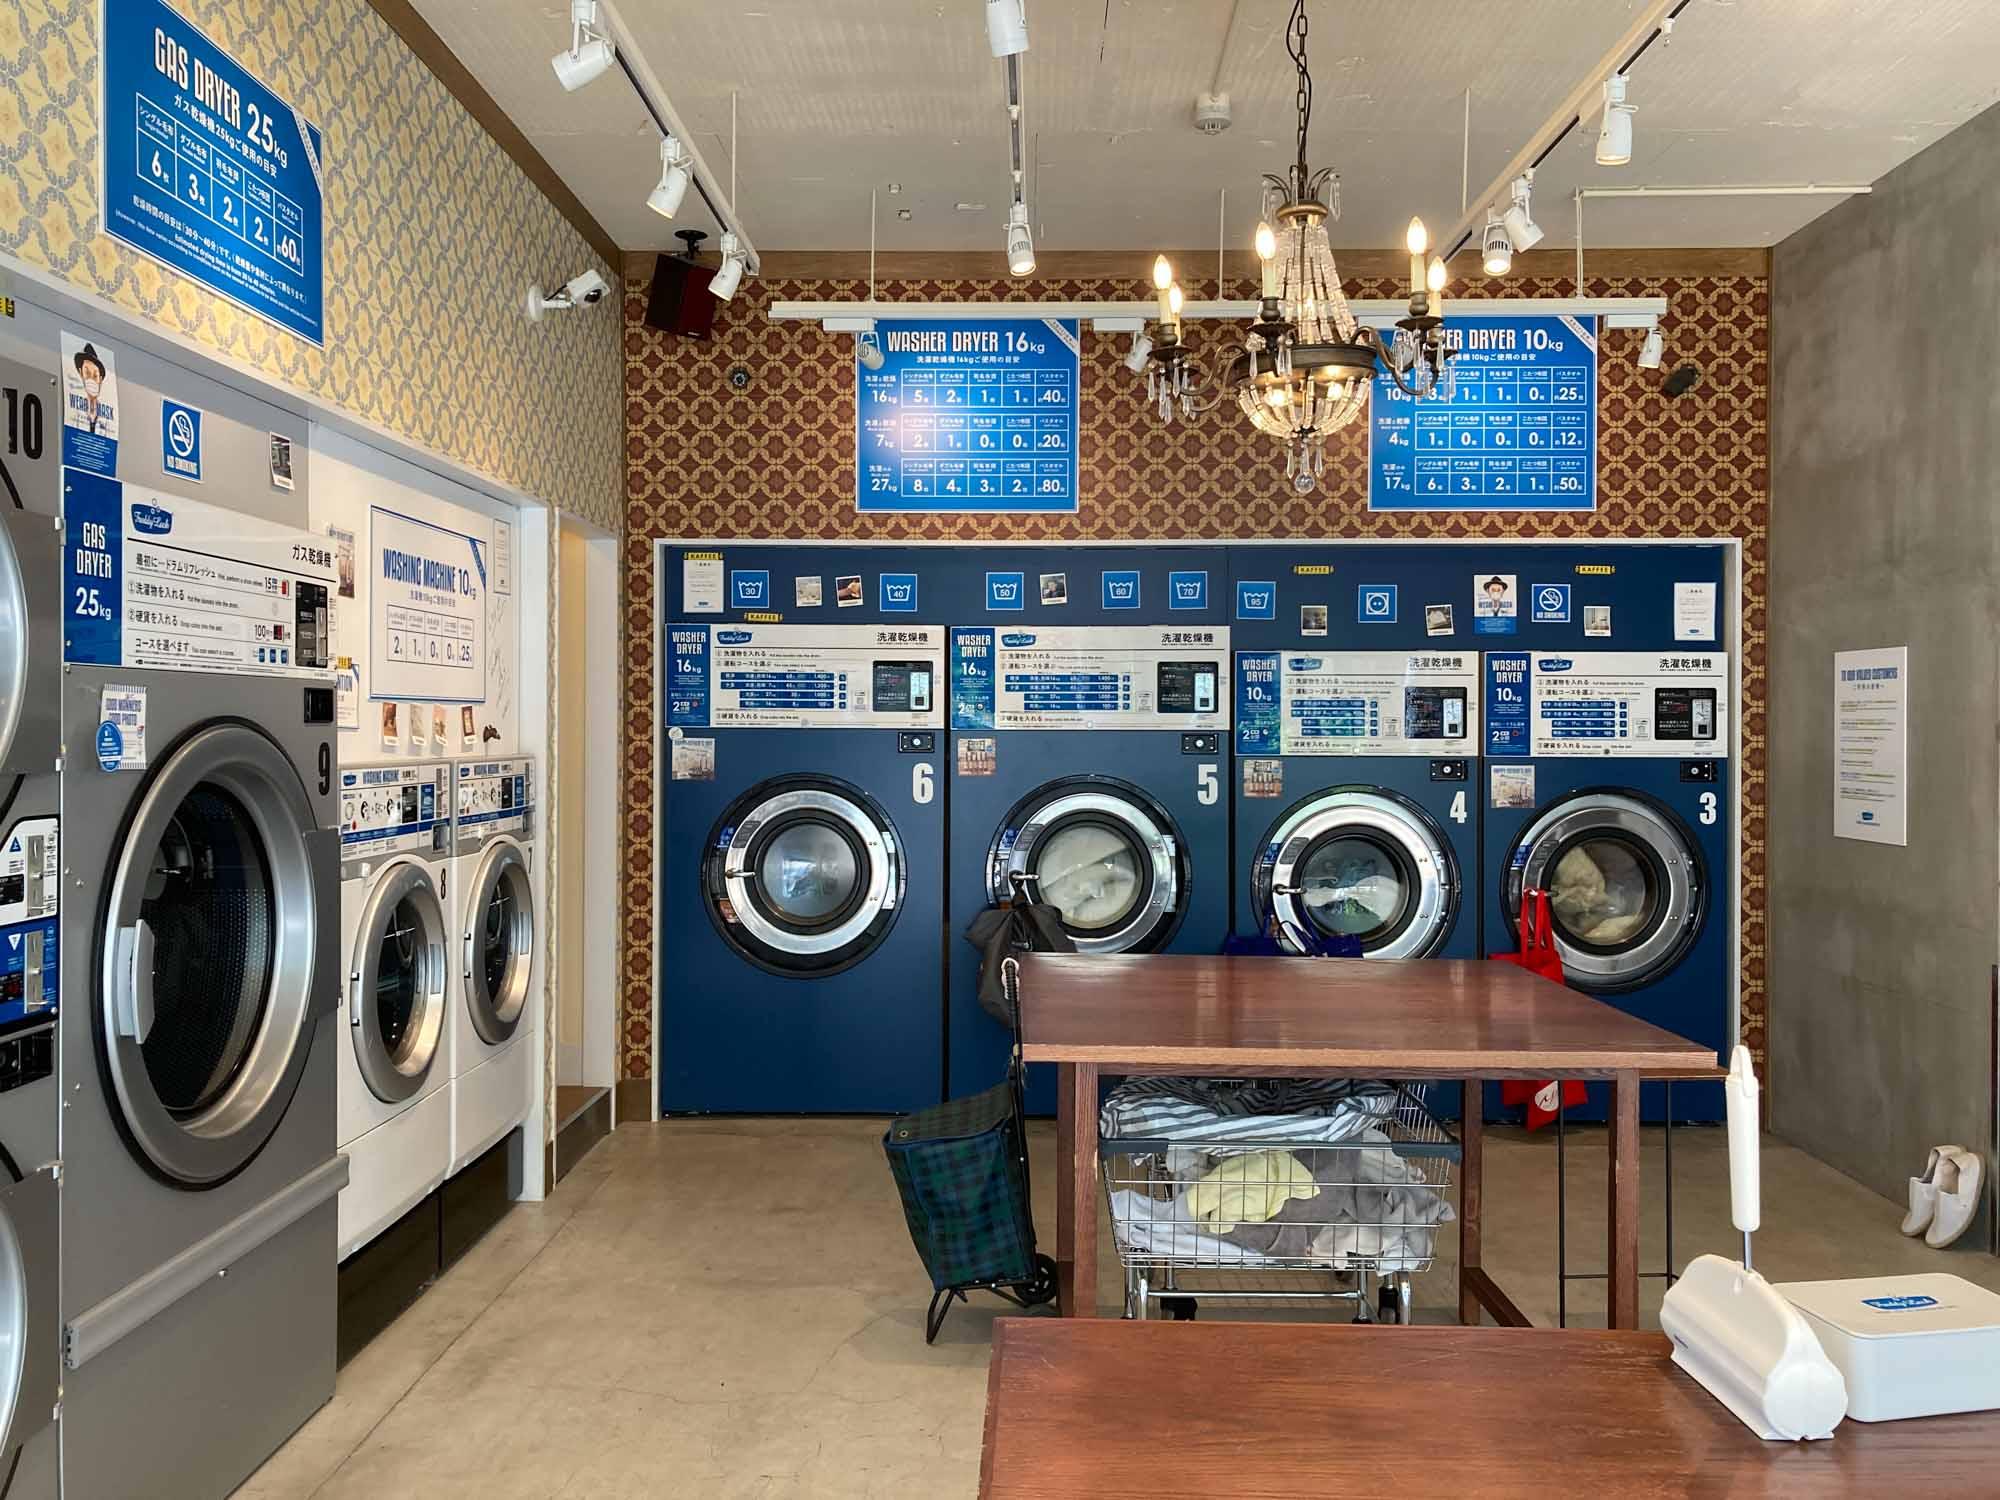 ホテル暮らしの「洗濯」ってどうする?ランドリーコーナーやコインランドリー、洗濯代行など使ってみた感想まとめ